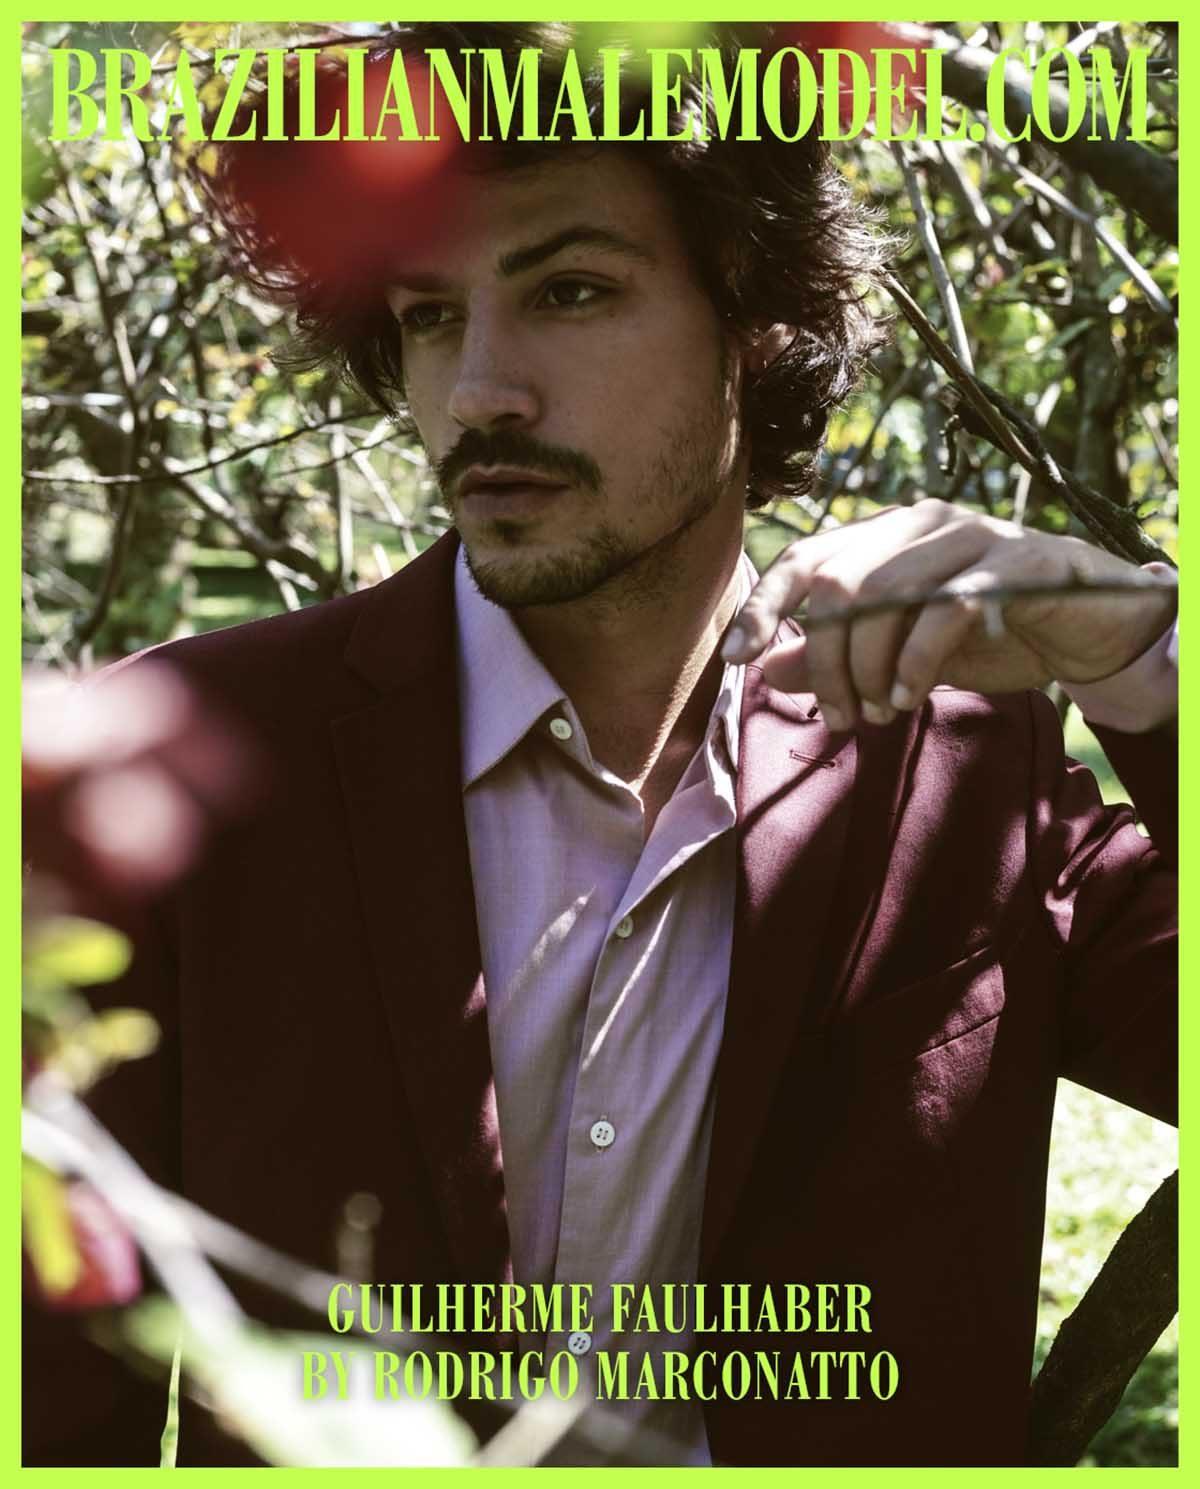 Guilherme Faulhaber by Rodrigo Marconatto